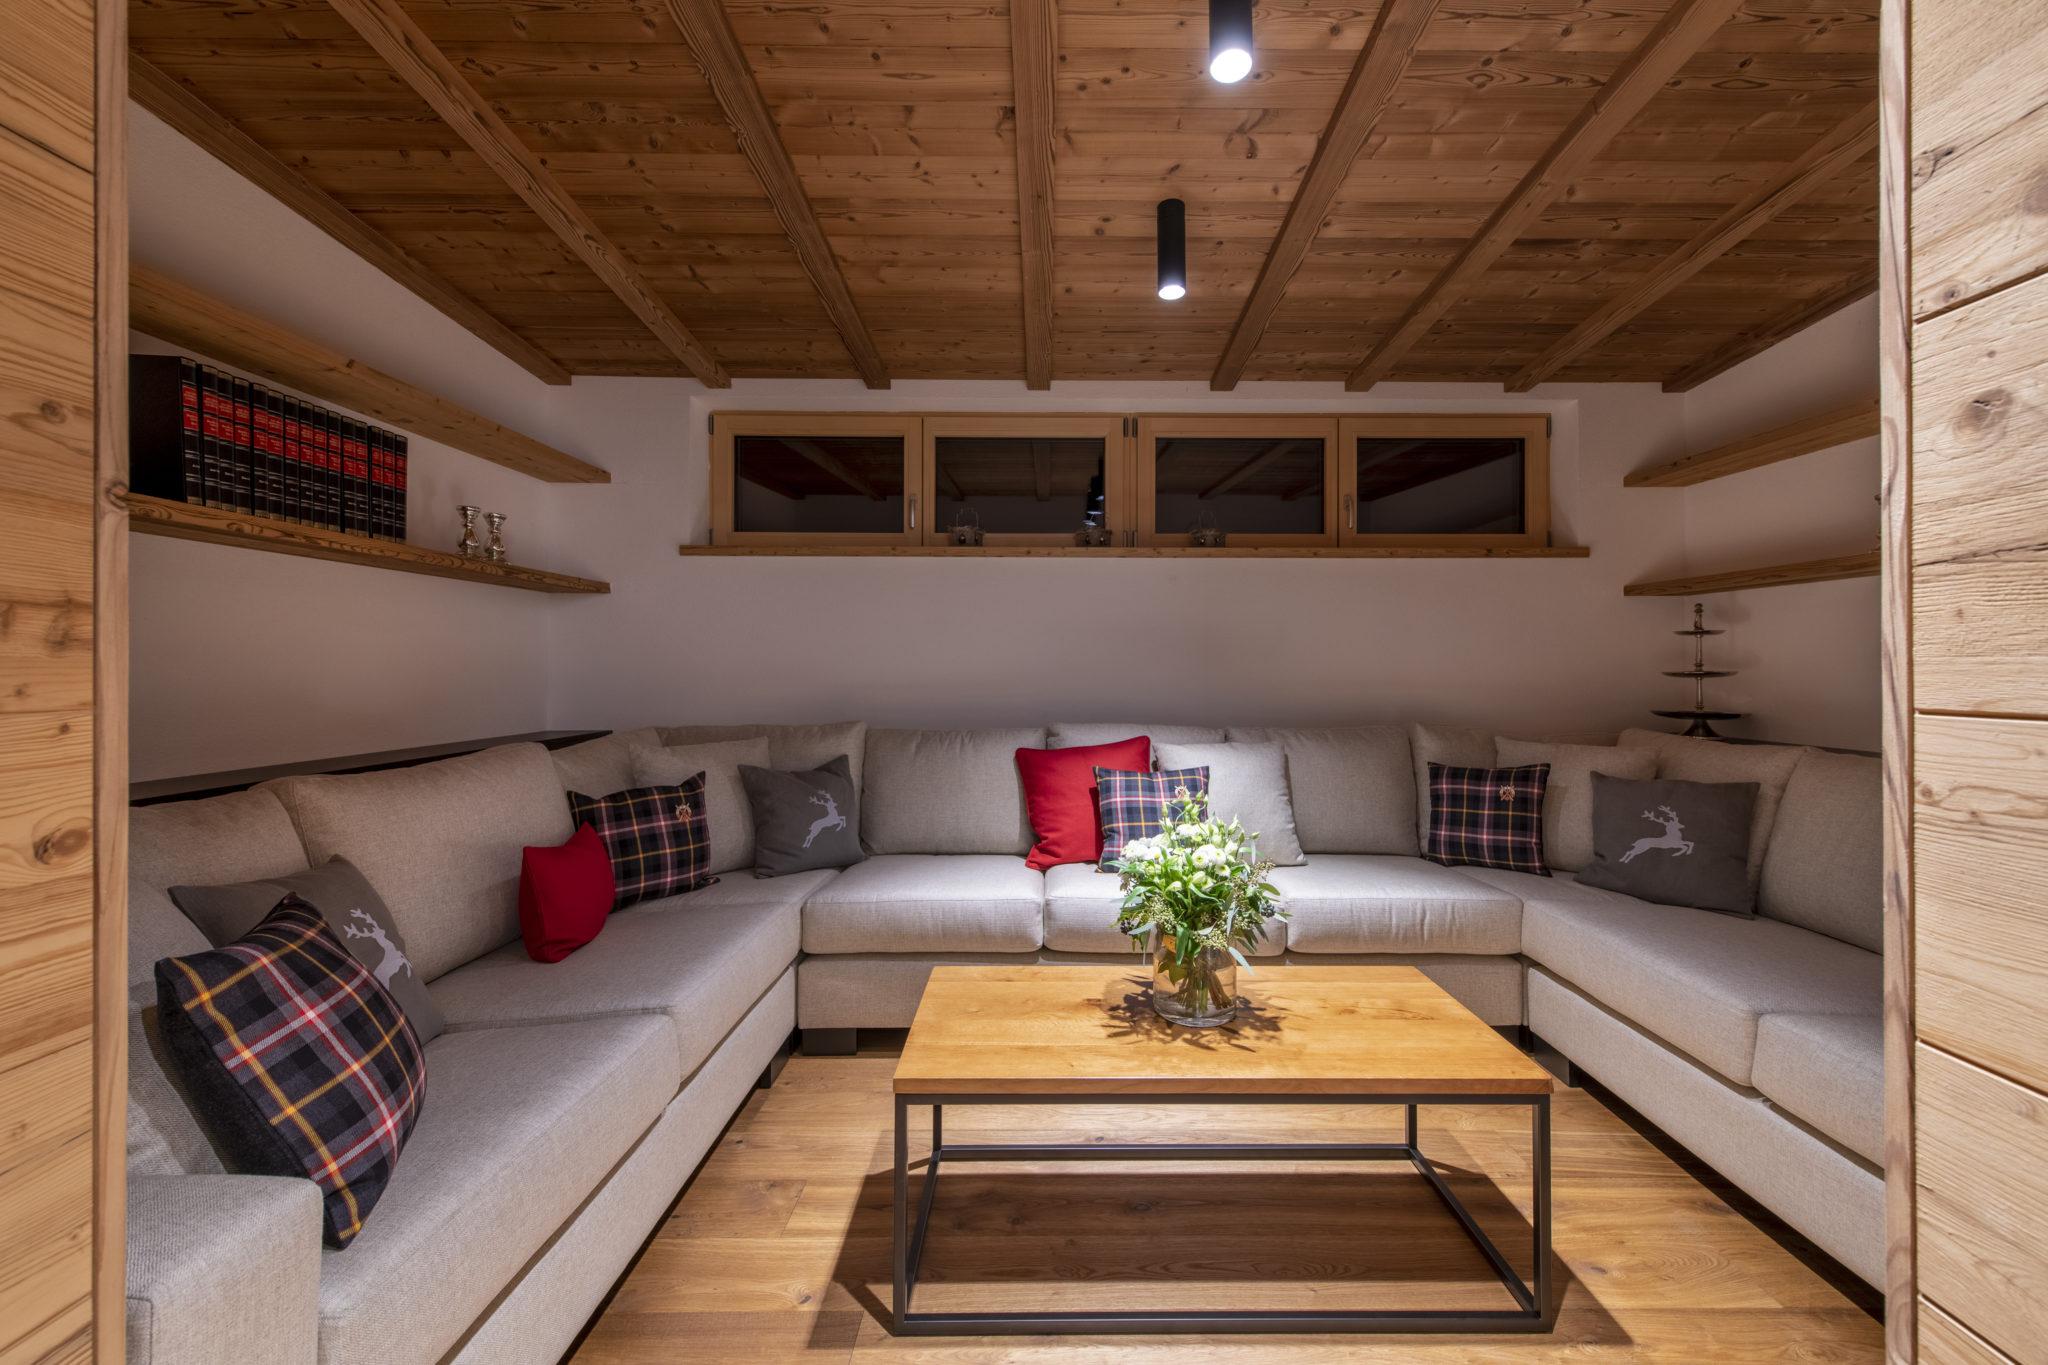 bhlhof-penthouse-11386-scaled